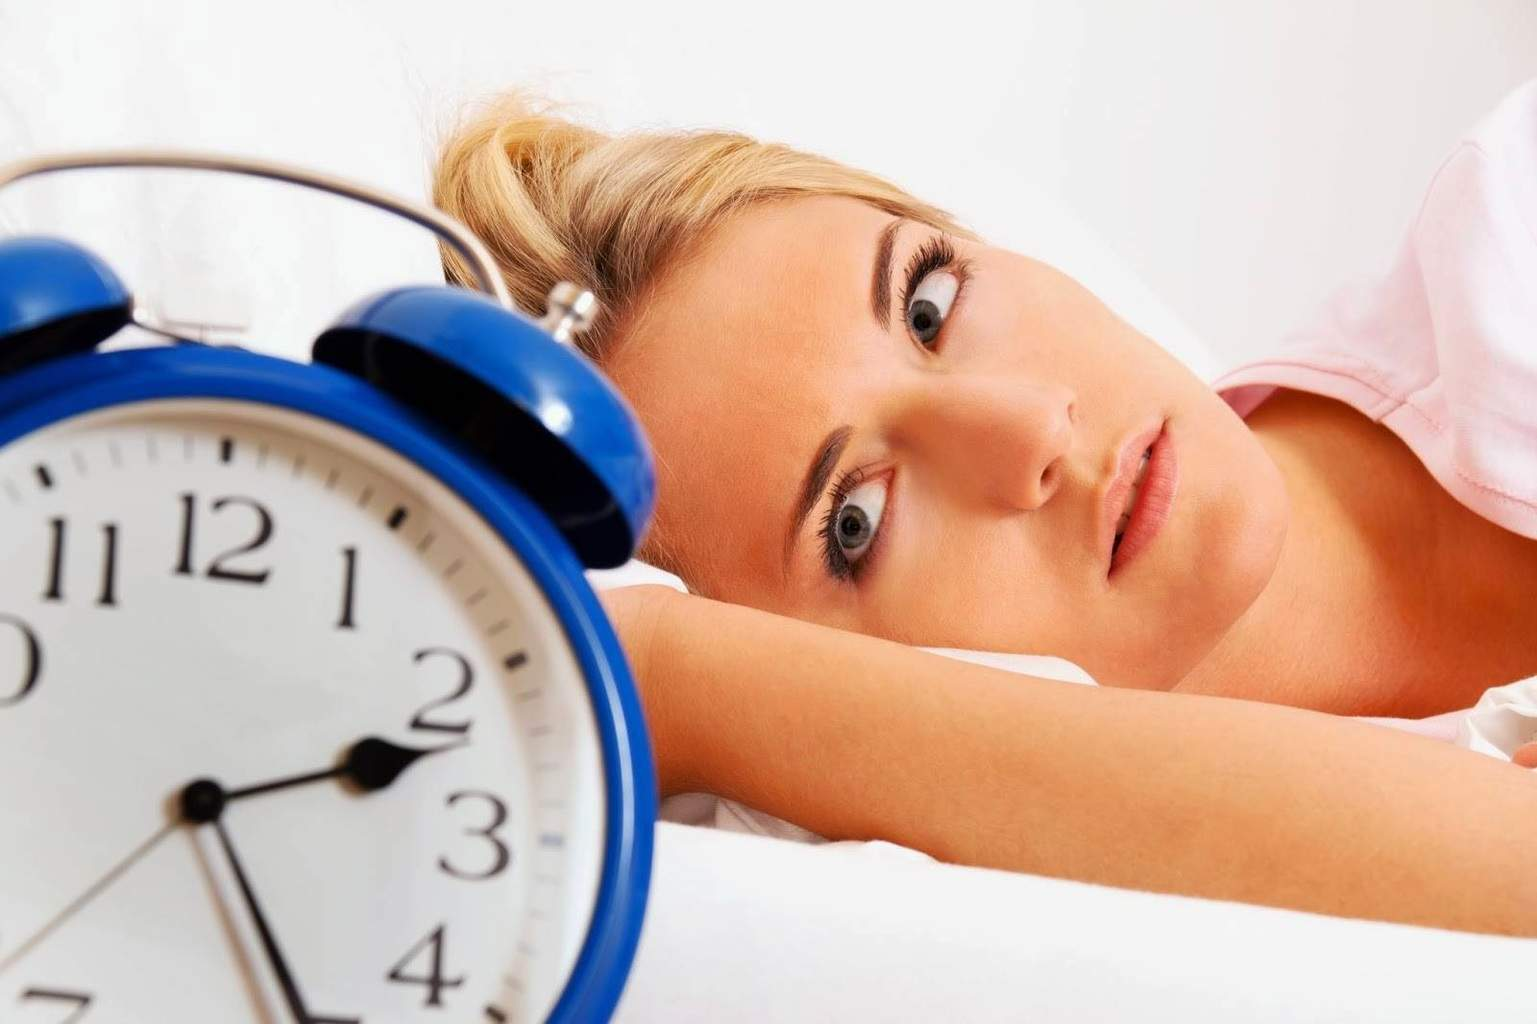 Vrei să dormi mai bine? Uite ce alimente poţi consuma înainte de somn